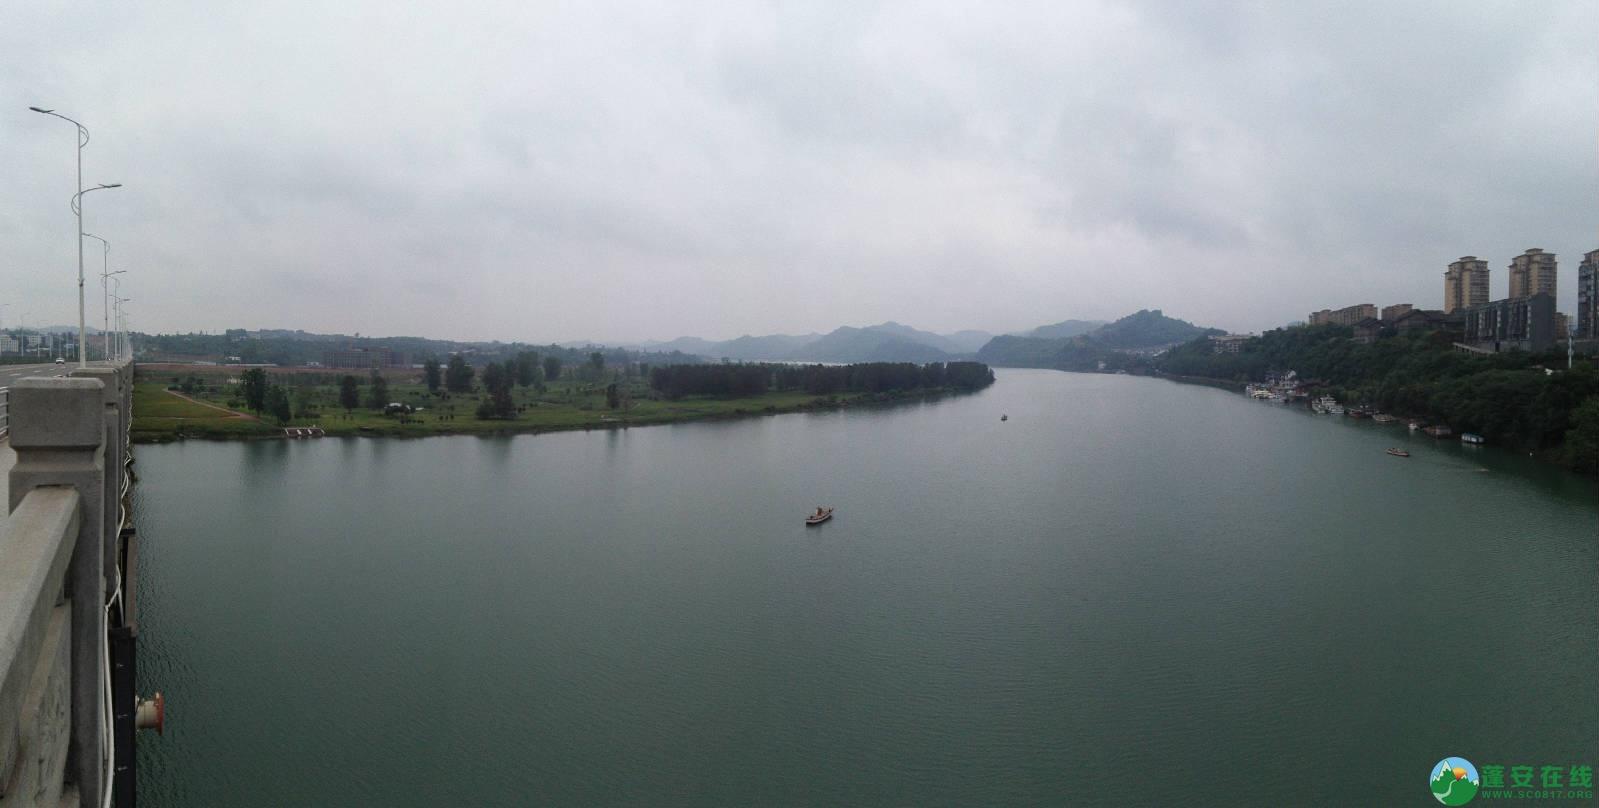 蓬安山水之城 - 第9张  | 蓬安在线